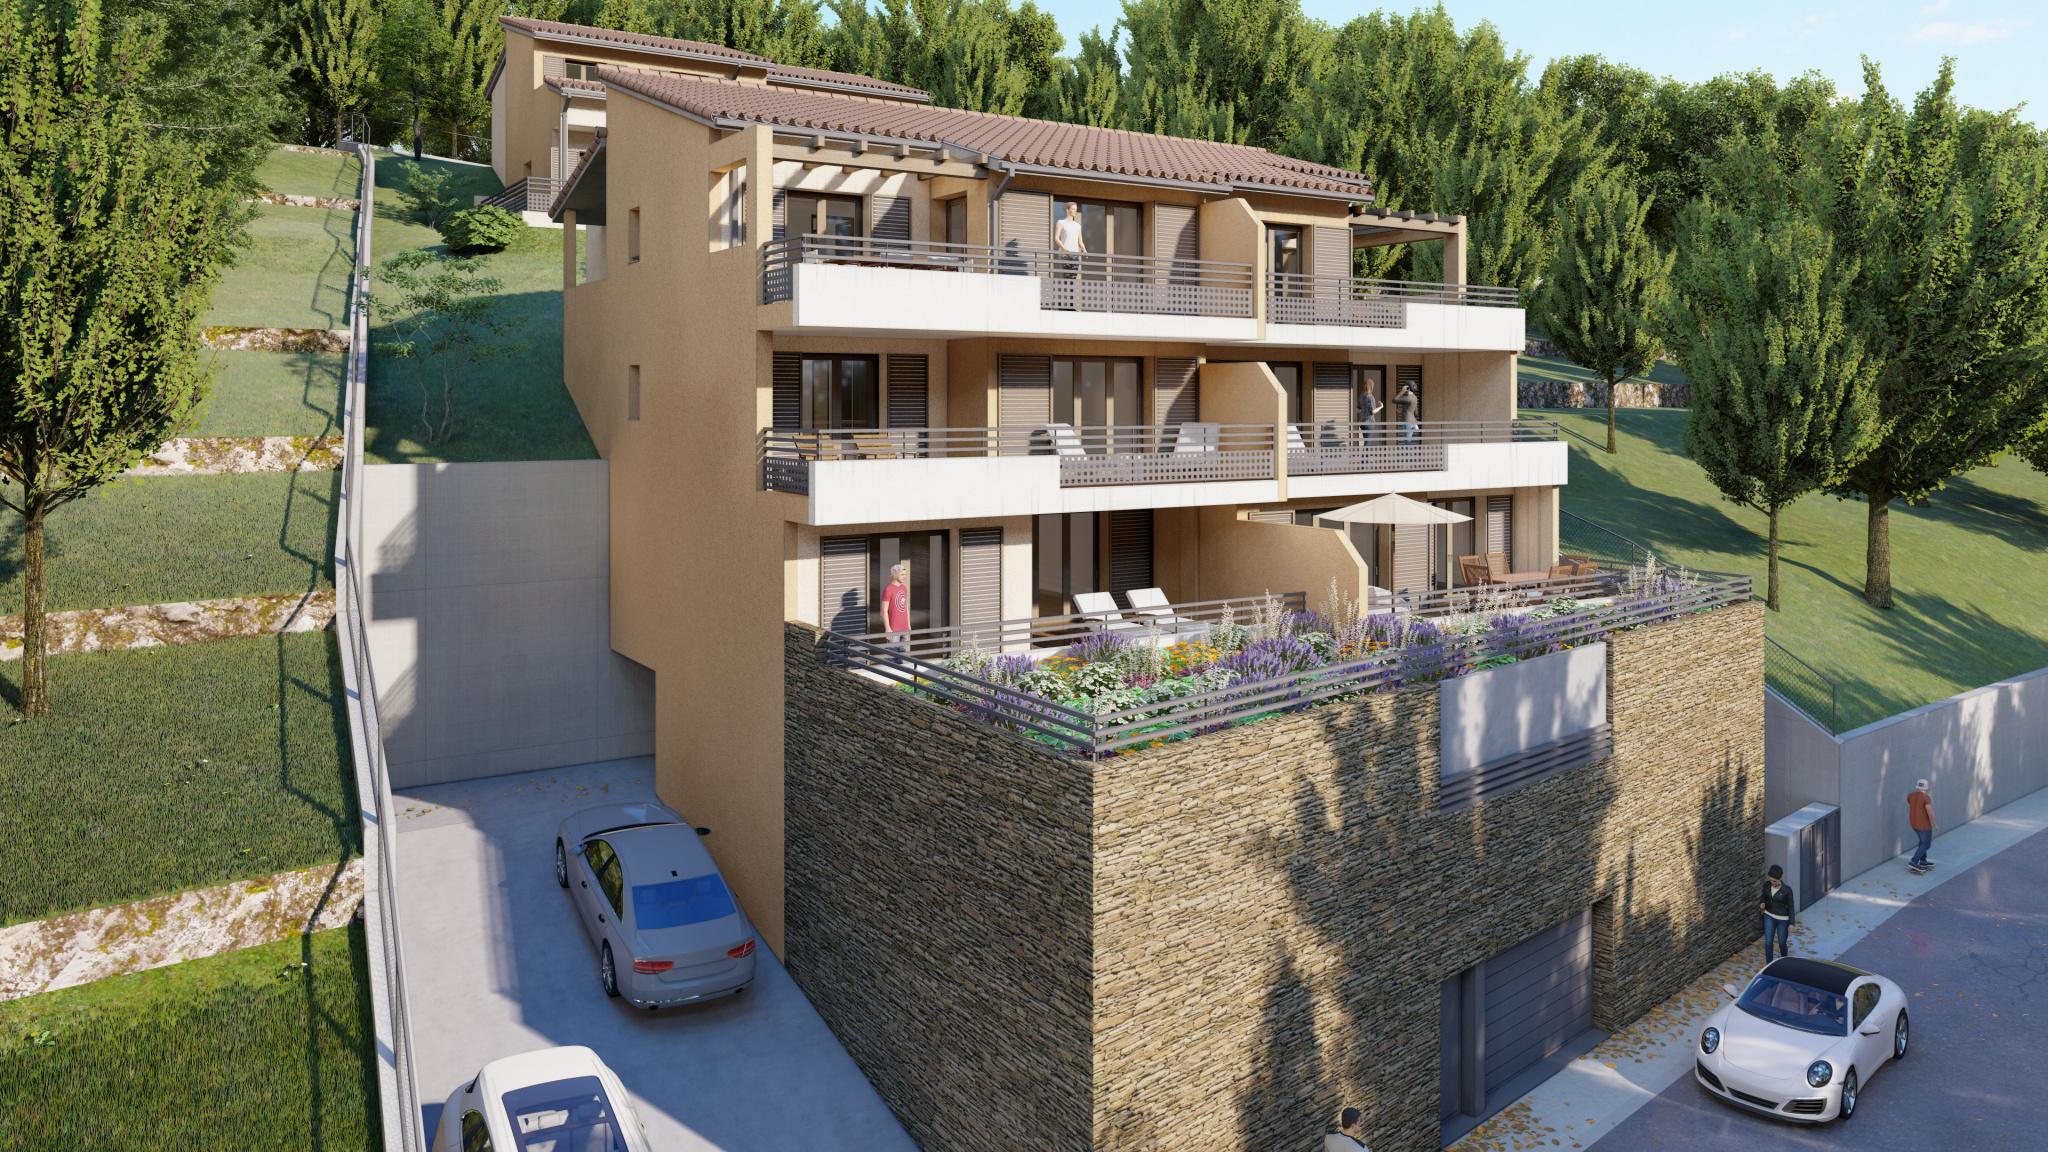 À vendre appartement de 79.3m2 à collioure (66190) - Photo 2'